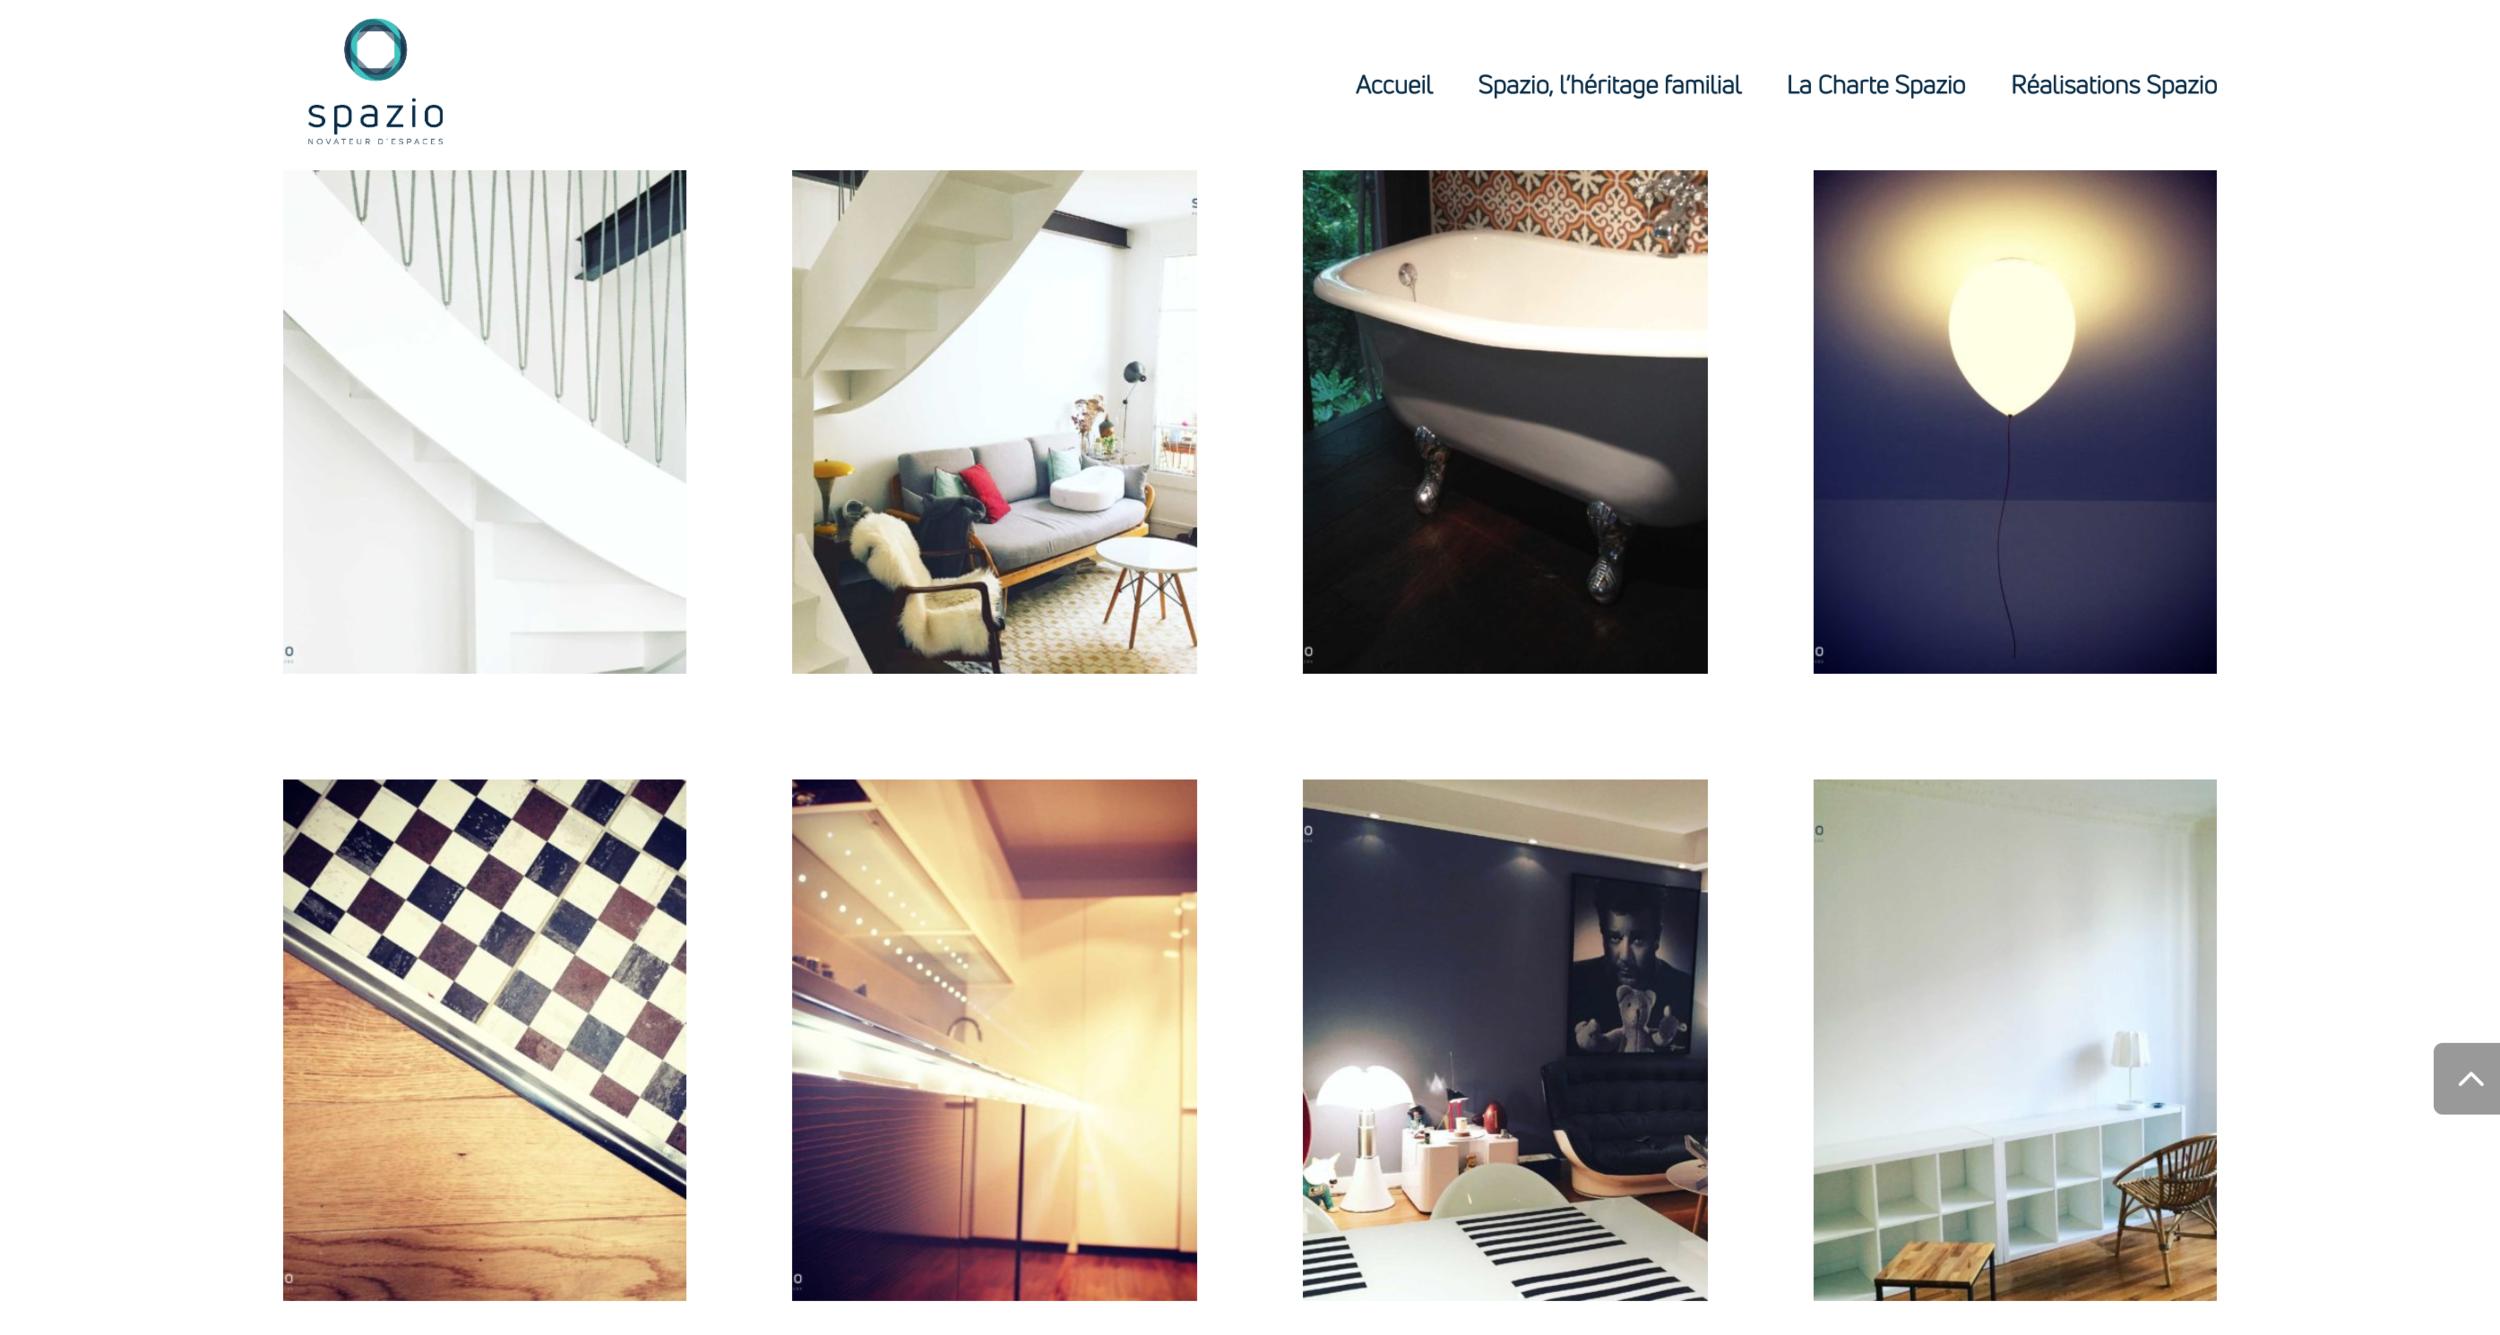 quentin_paquignon-branding-visual_identity-spazio_11.png